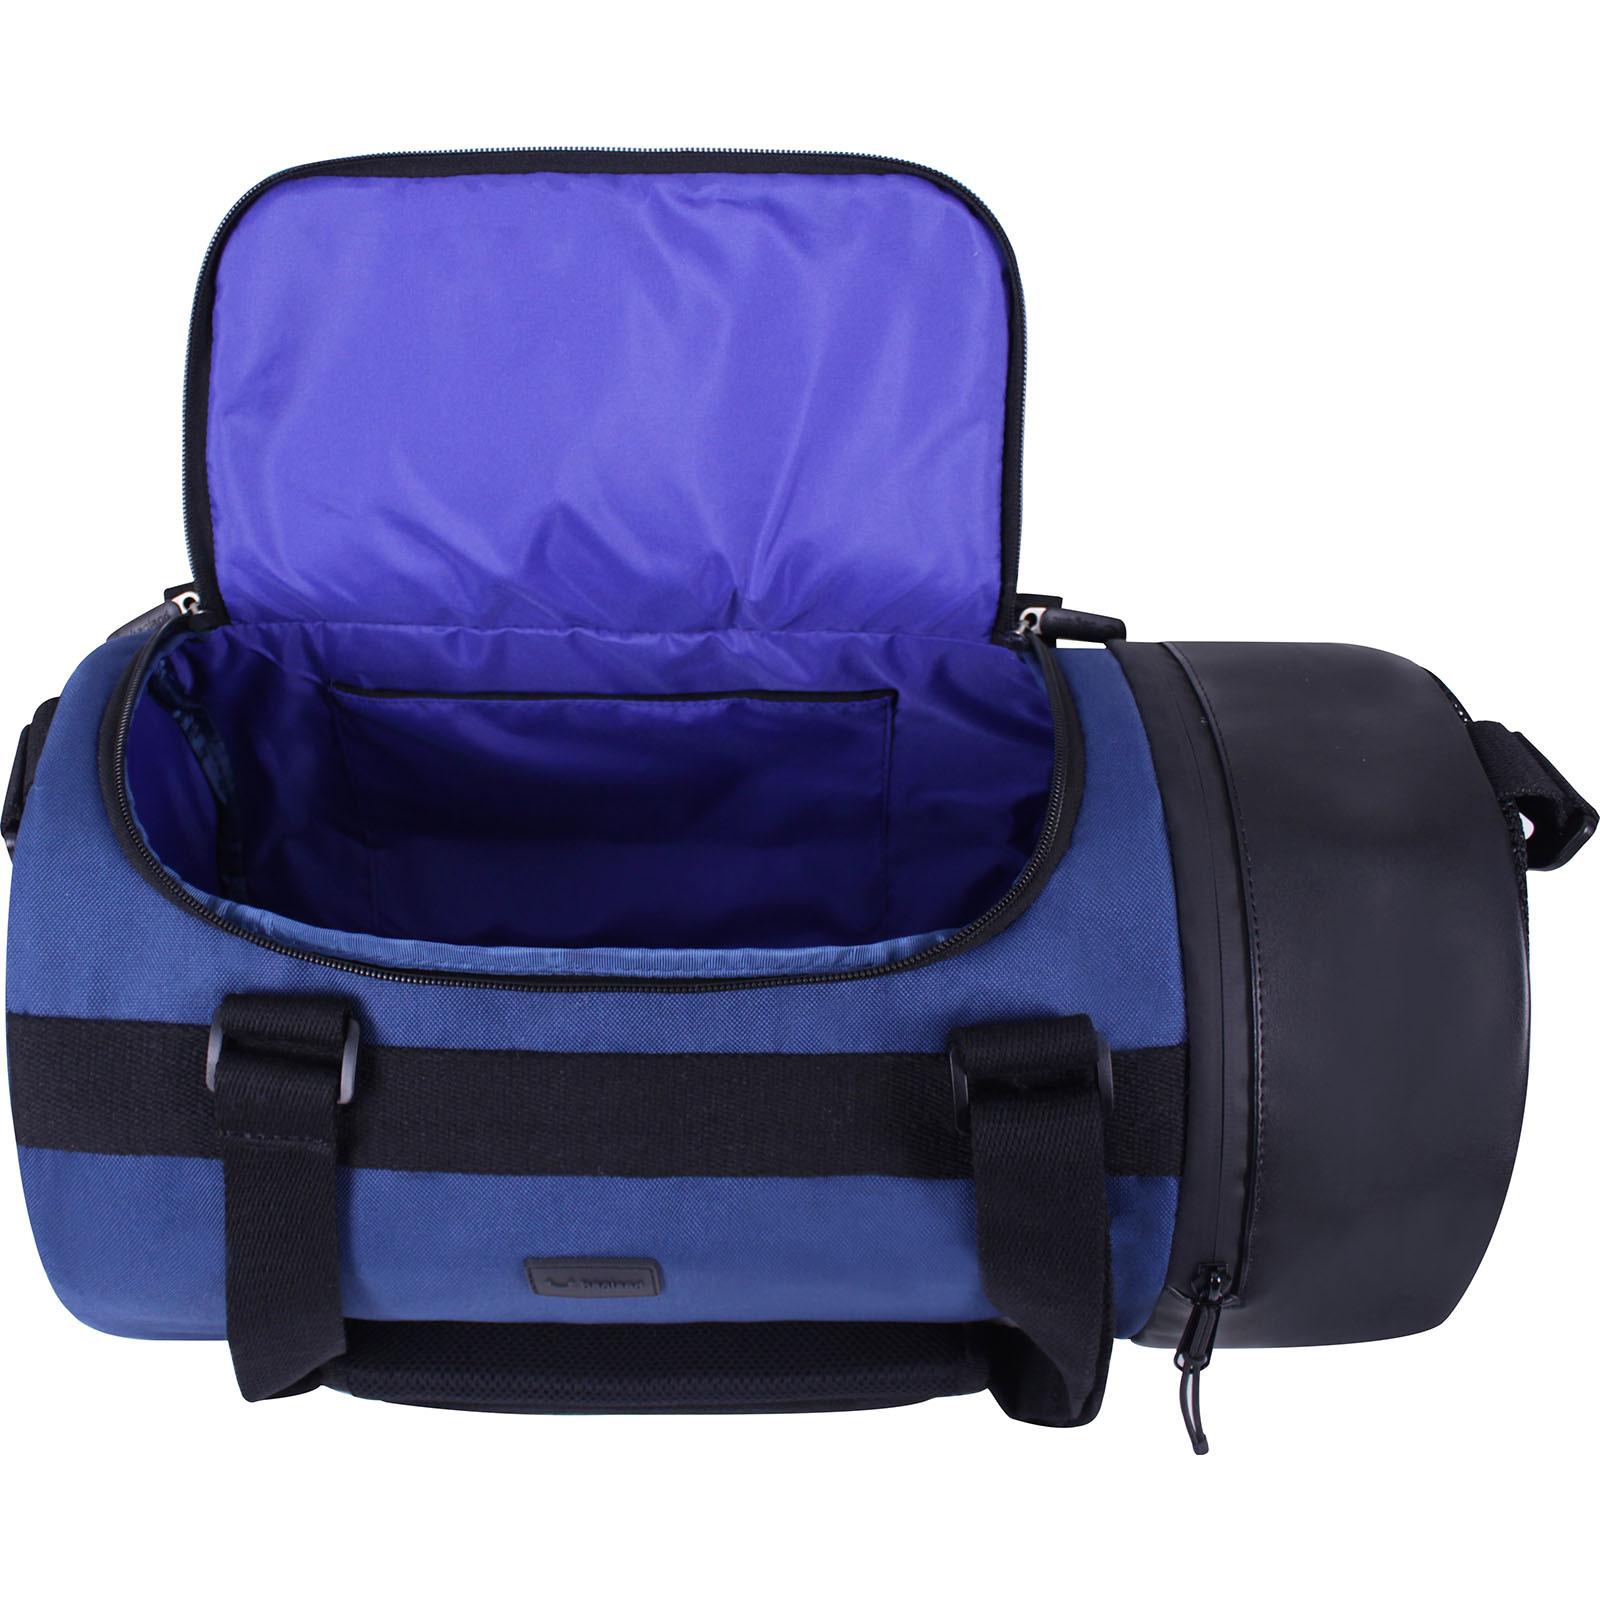 Сумка Bagland Klerk 22 л. Синий (0032766) фото 5